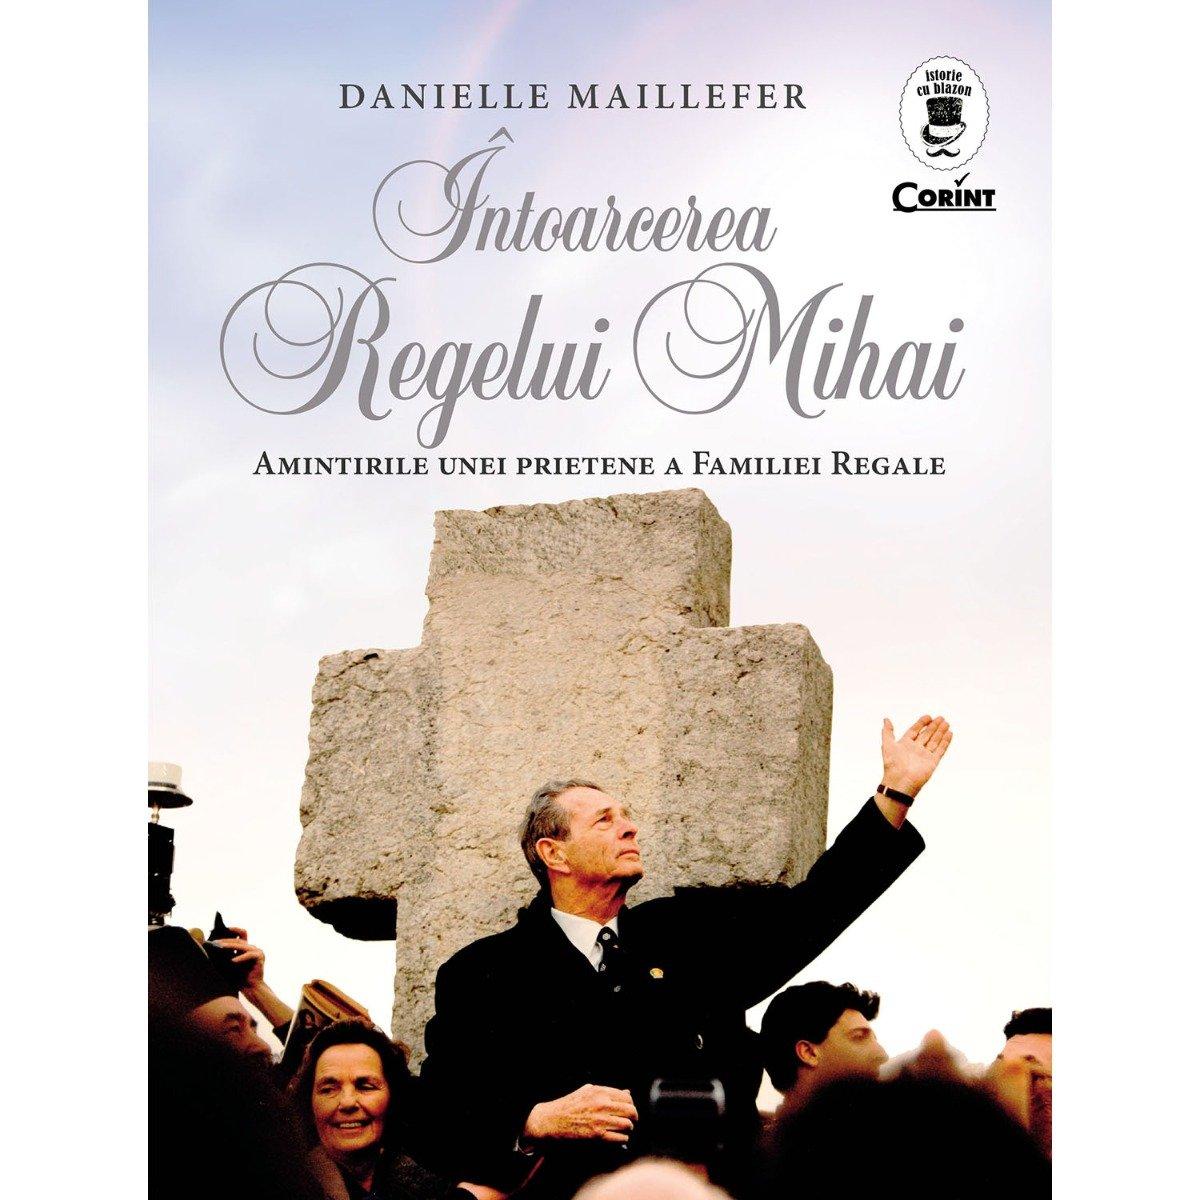 Carte Editura Corint, Intoarcerea Regelui Mihai, Danielle Maillefer imagine